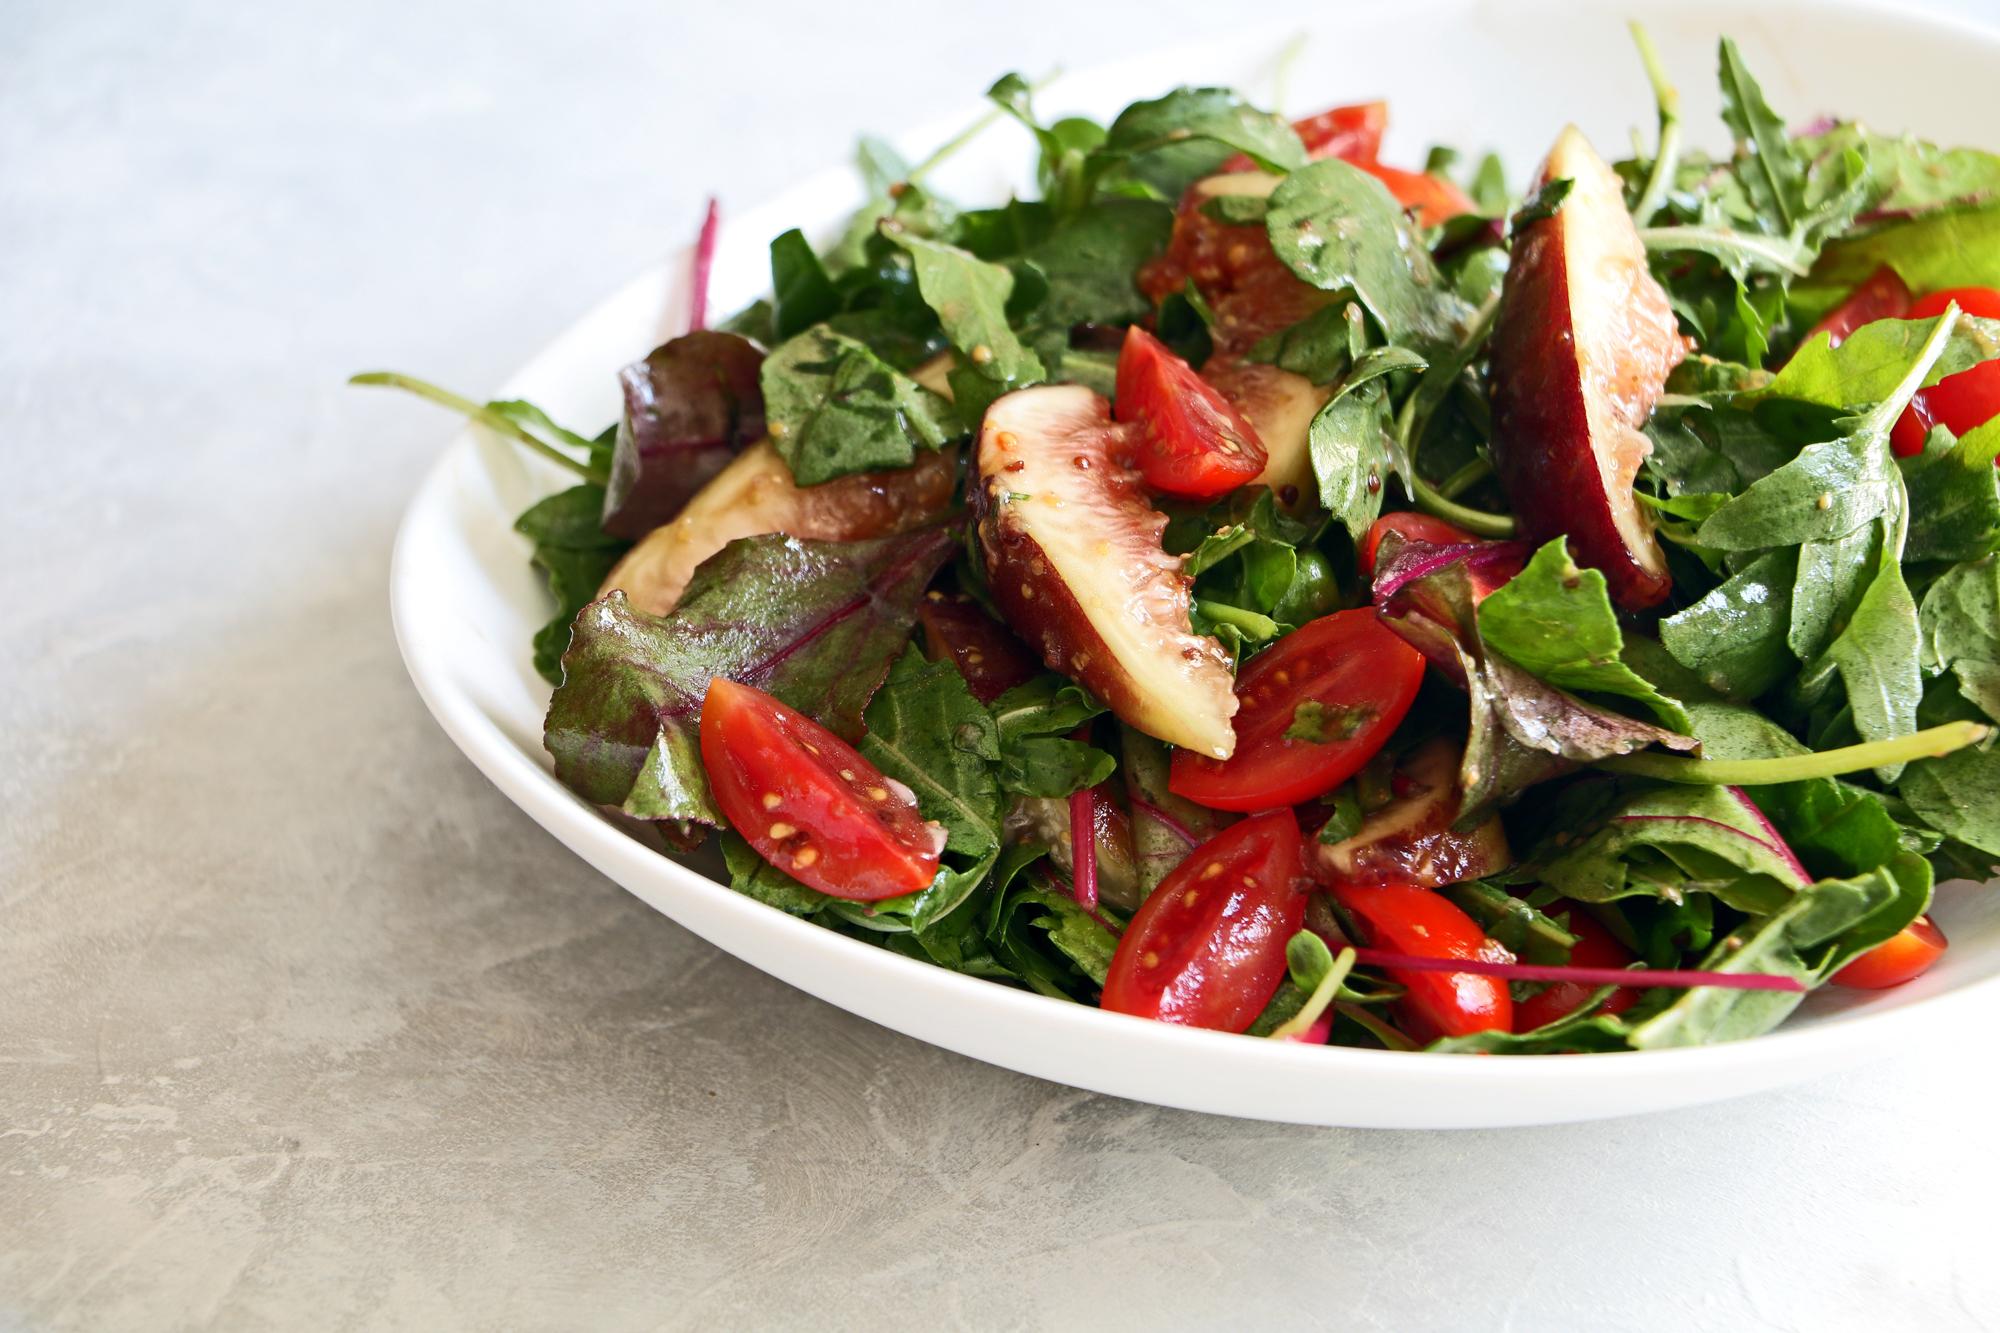 סלט ירוק עם תאנים ועגבניות שרי